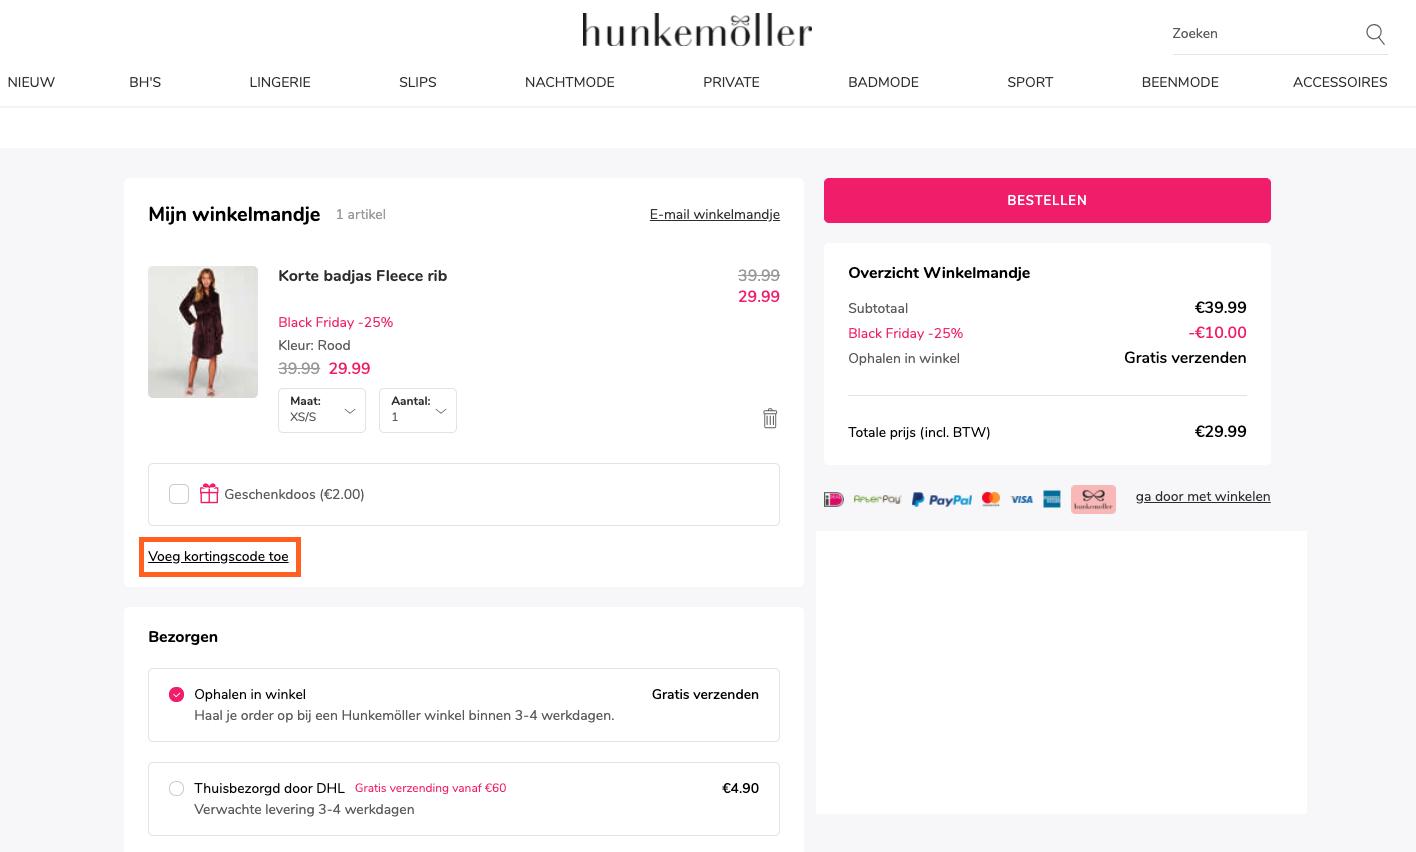 hunkemöller voucher-voucher_redemption-how-to